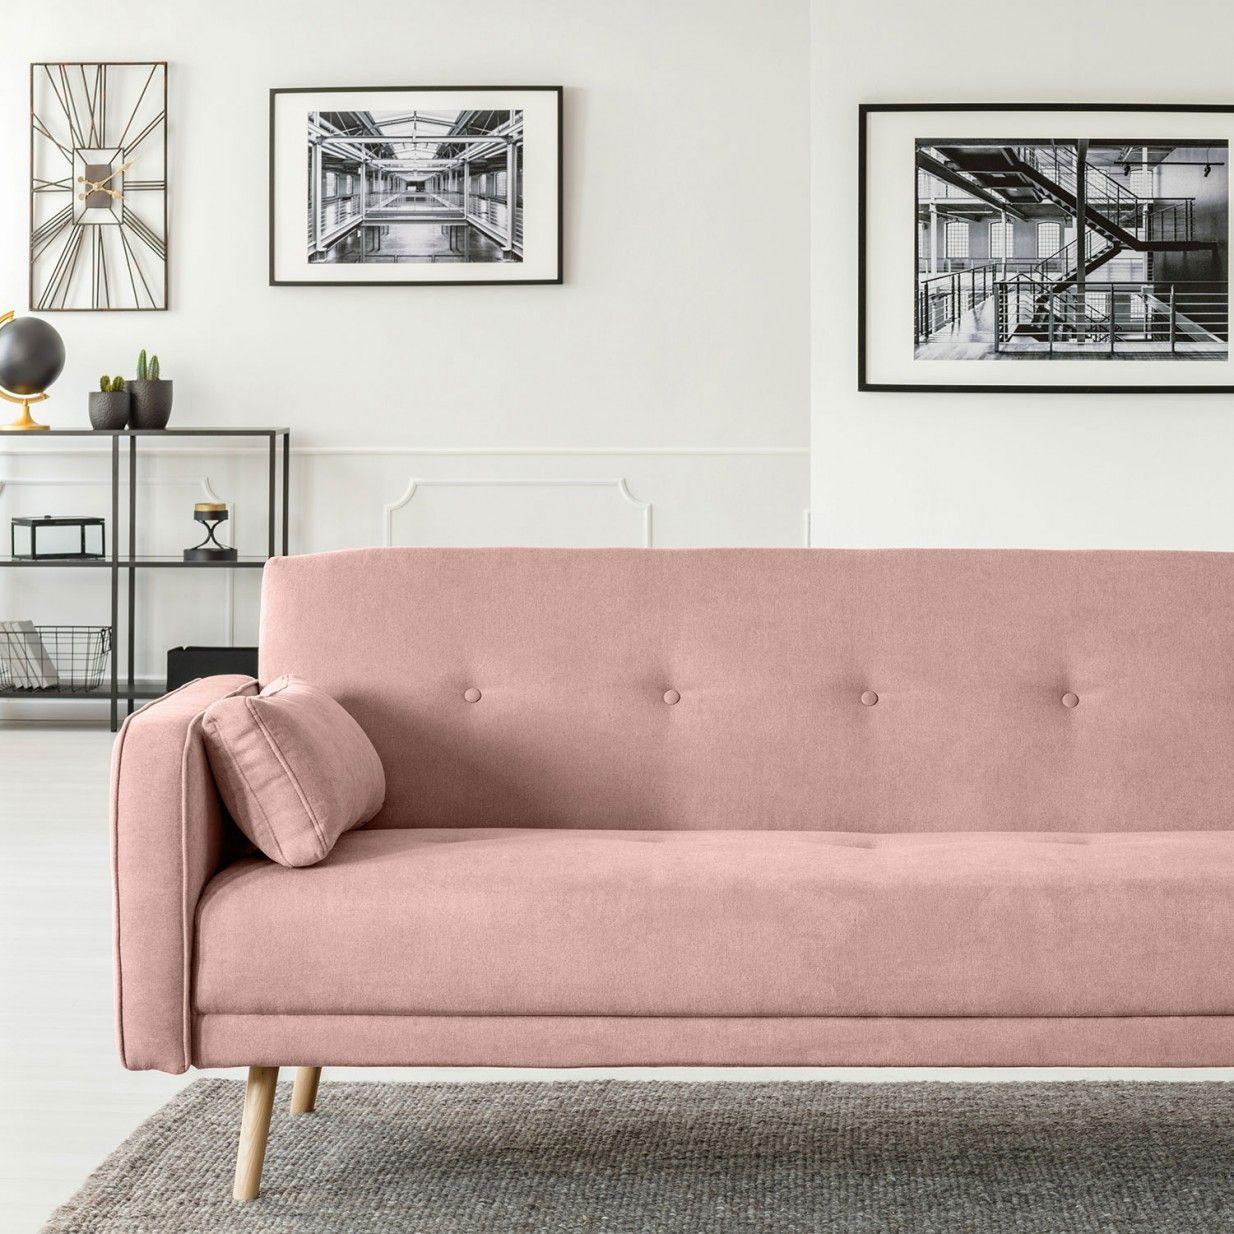 Stuttgart Sofa Bed - Pink | Cosmopolitan Design | MONOQI | Seating ...